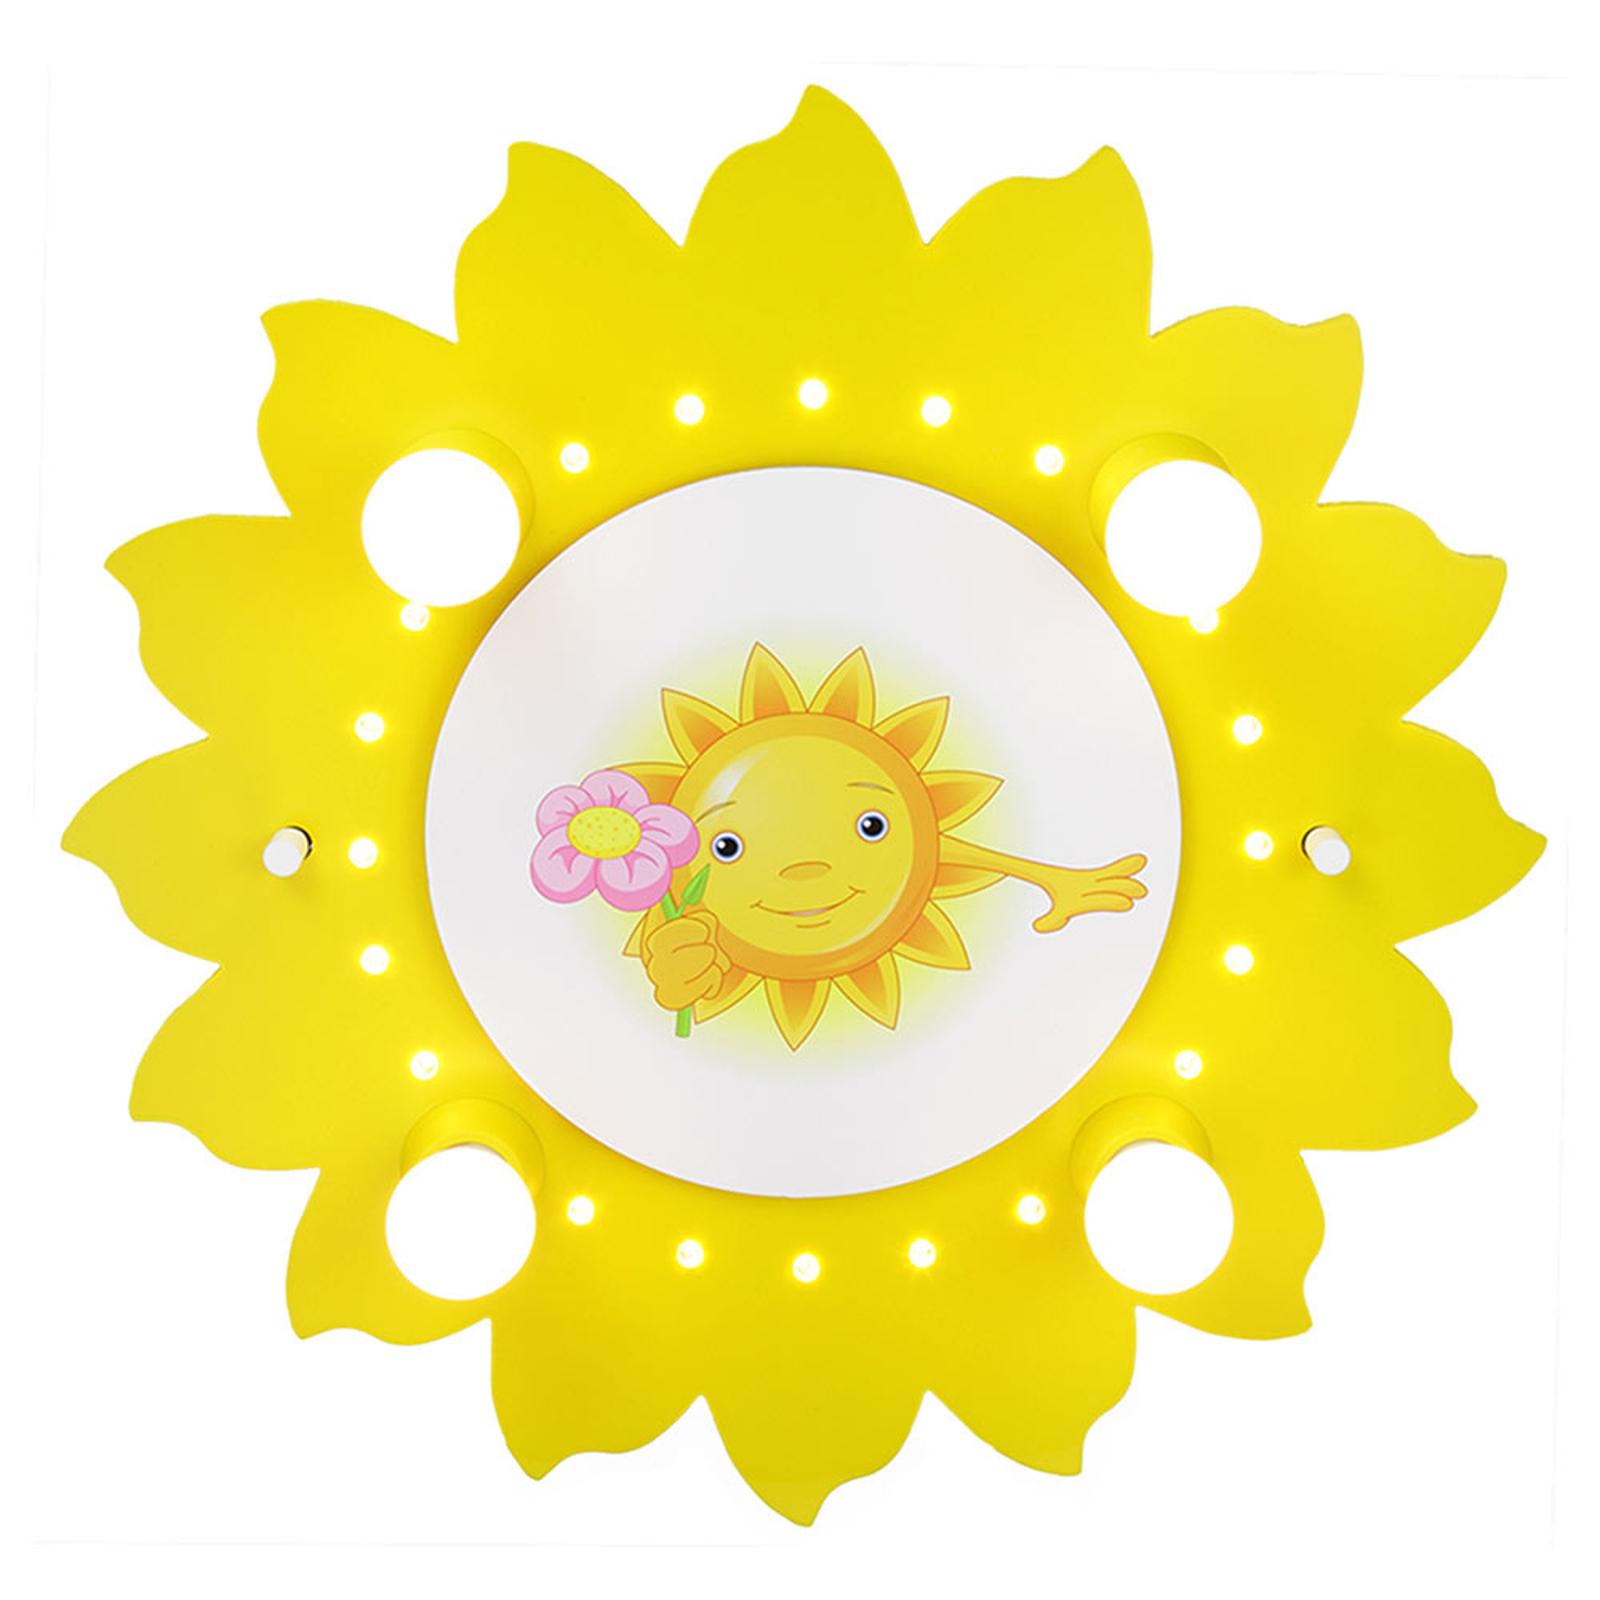 Deckenlampe Sonne mit Blume, vierflammig, gelb